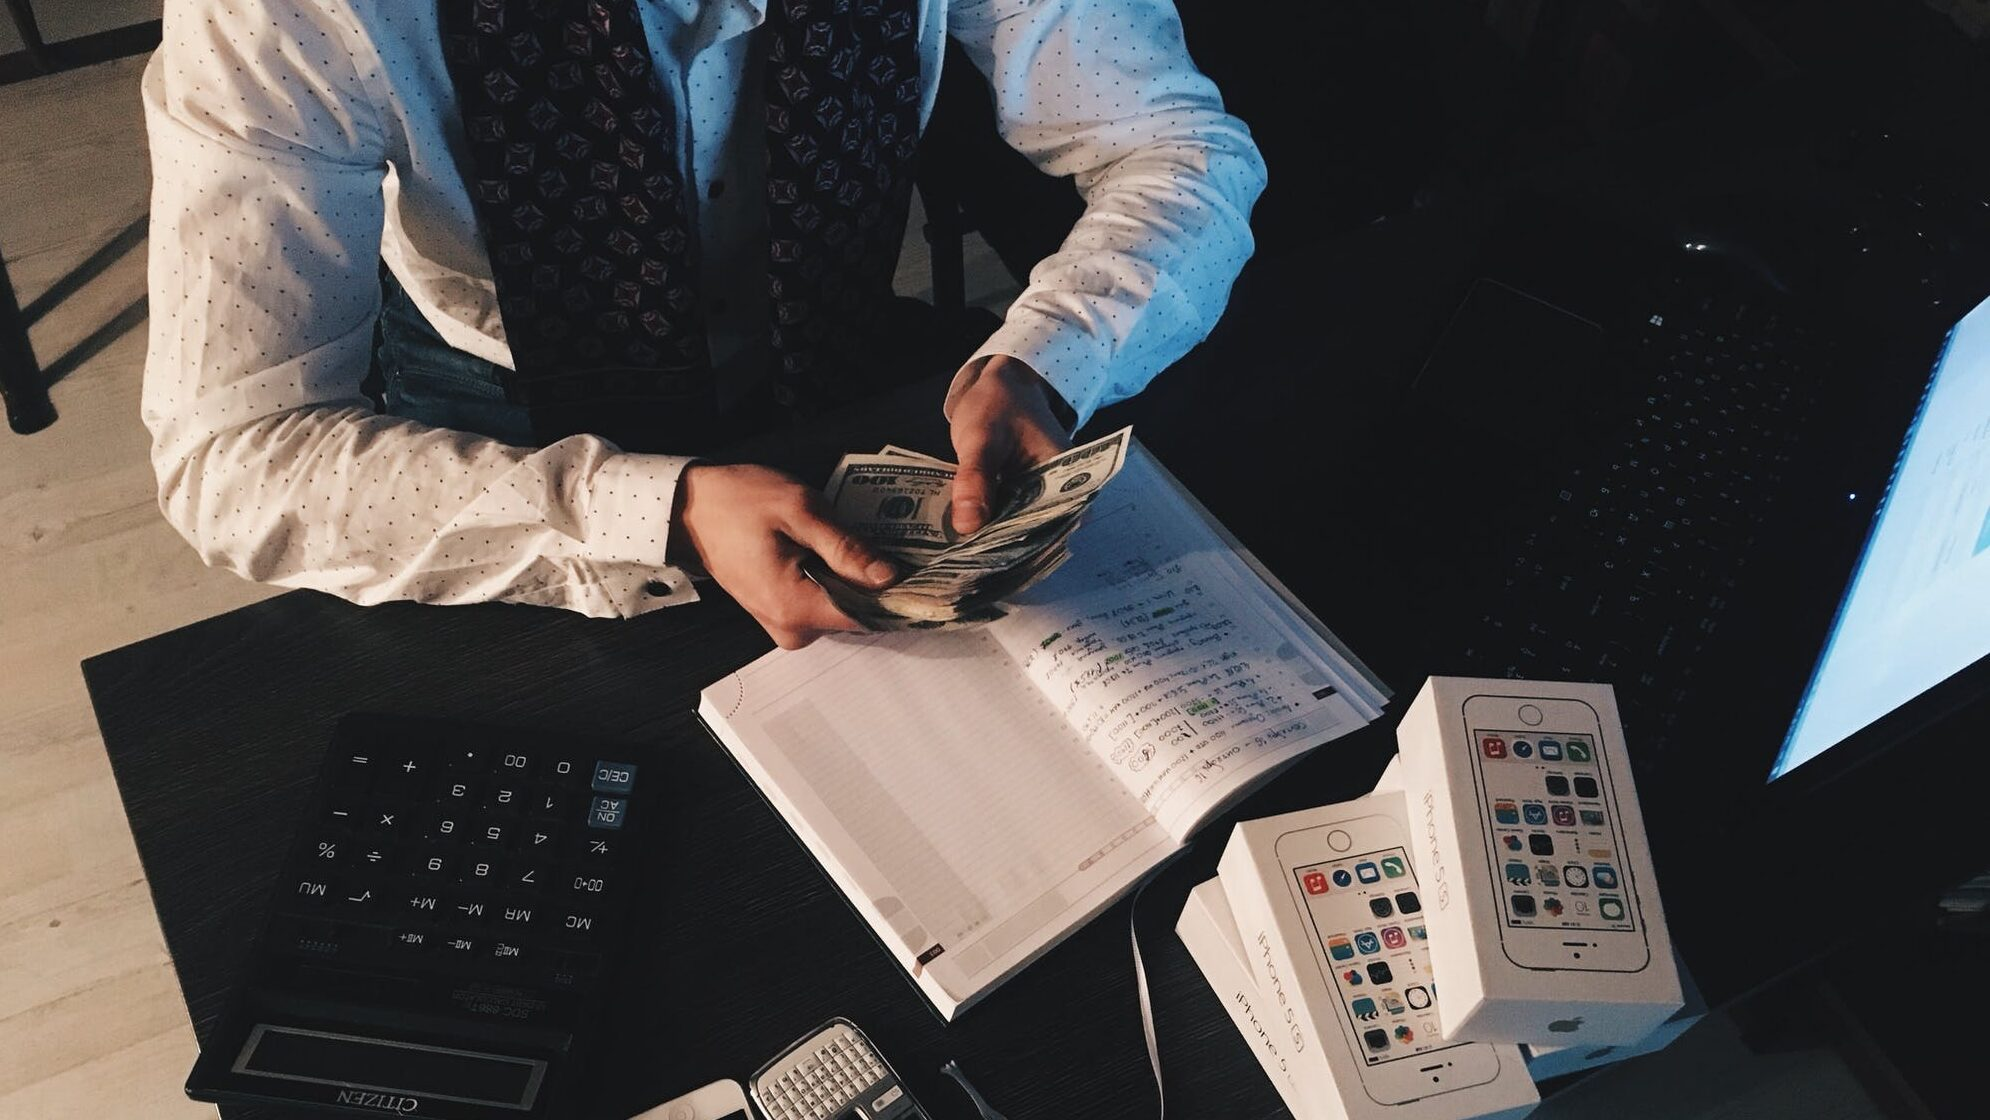 家計のお金やりくりをつけるって何をつける?のイメージ画像1